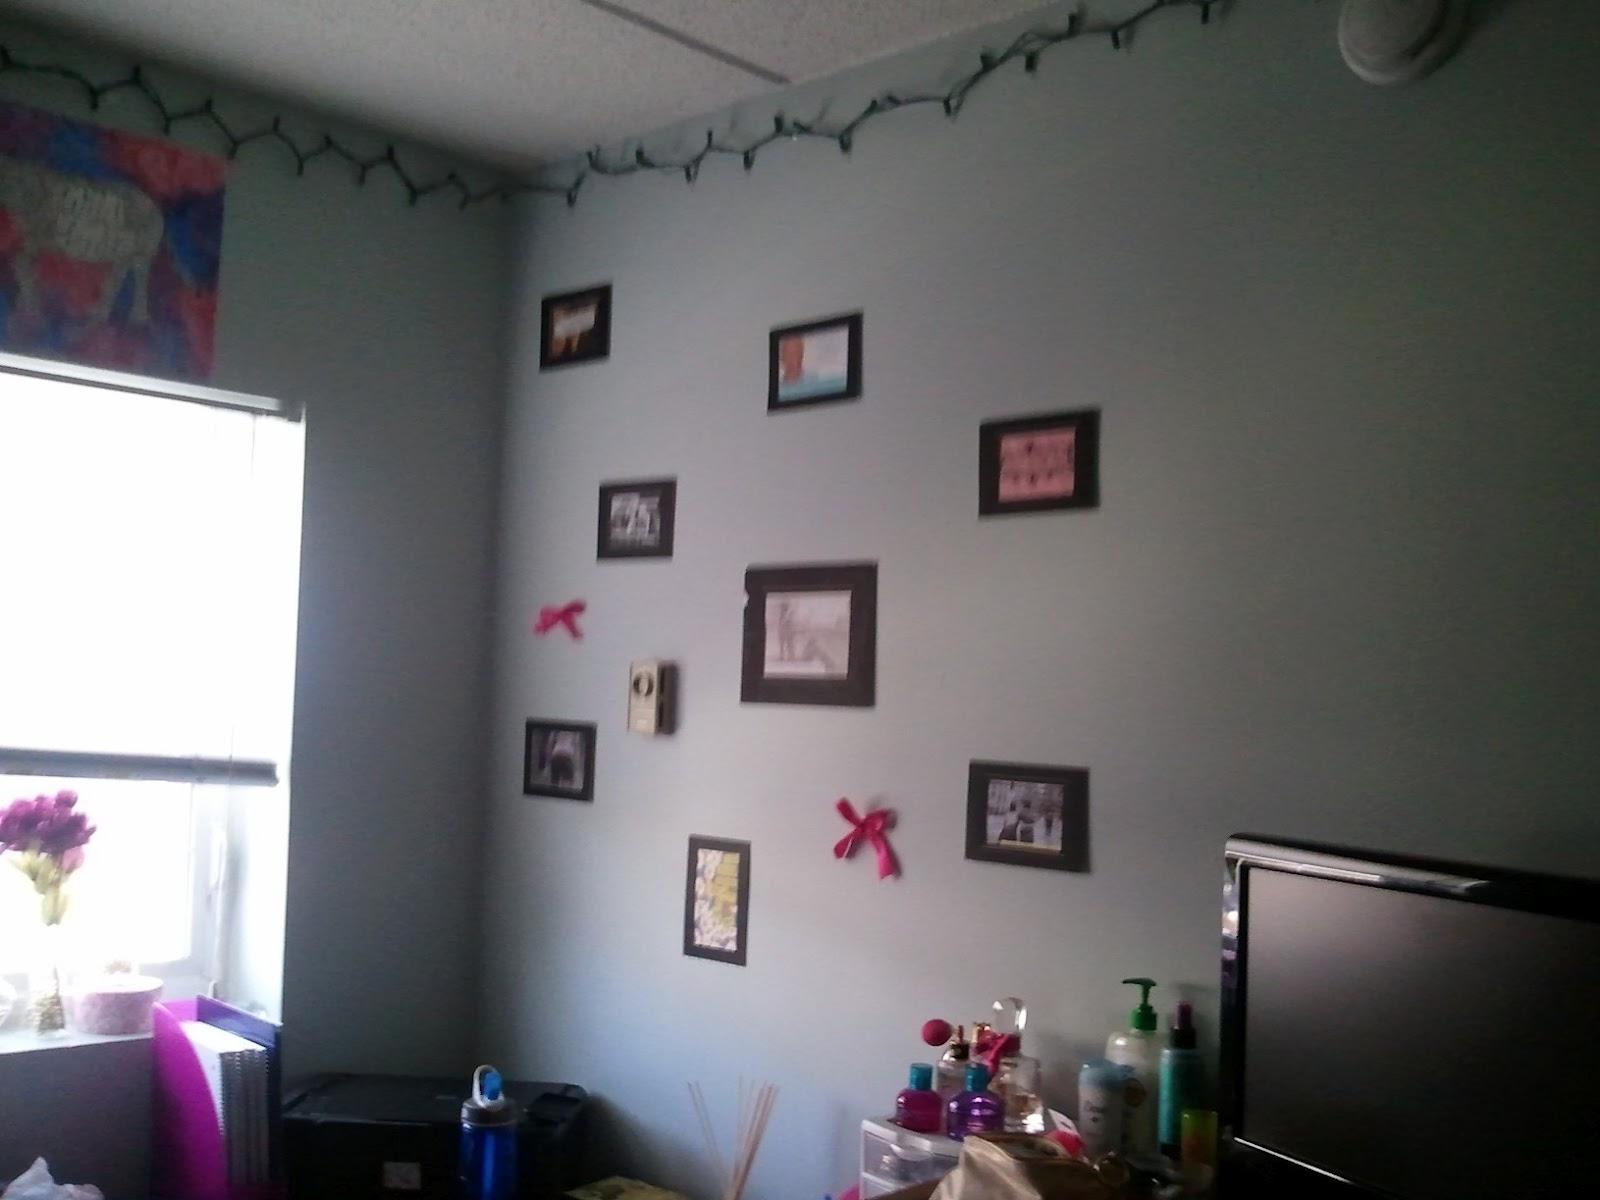 Dorm room diy and crafts for Diy crafts for dorm rooms